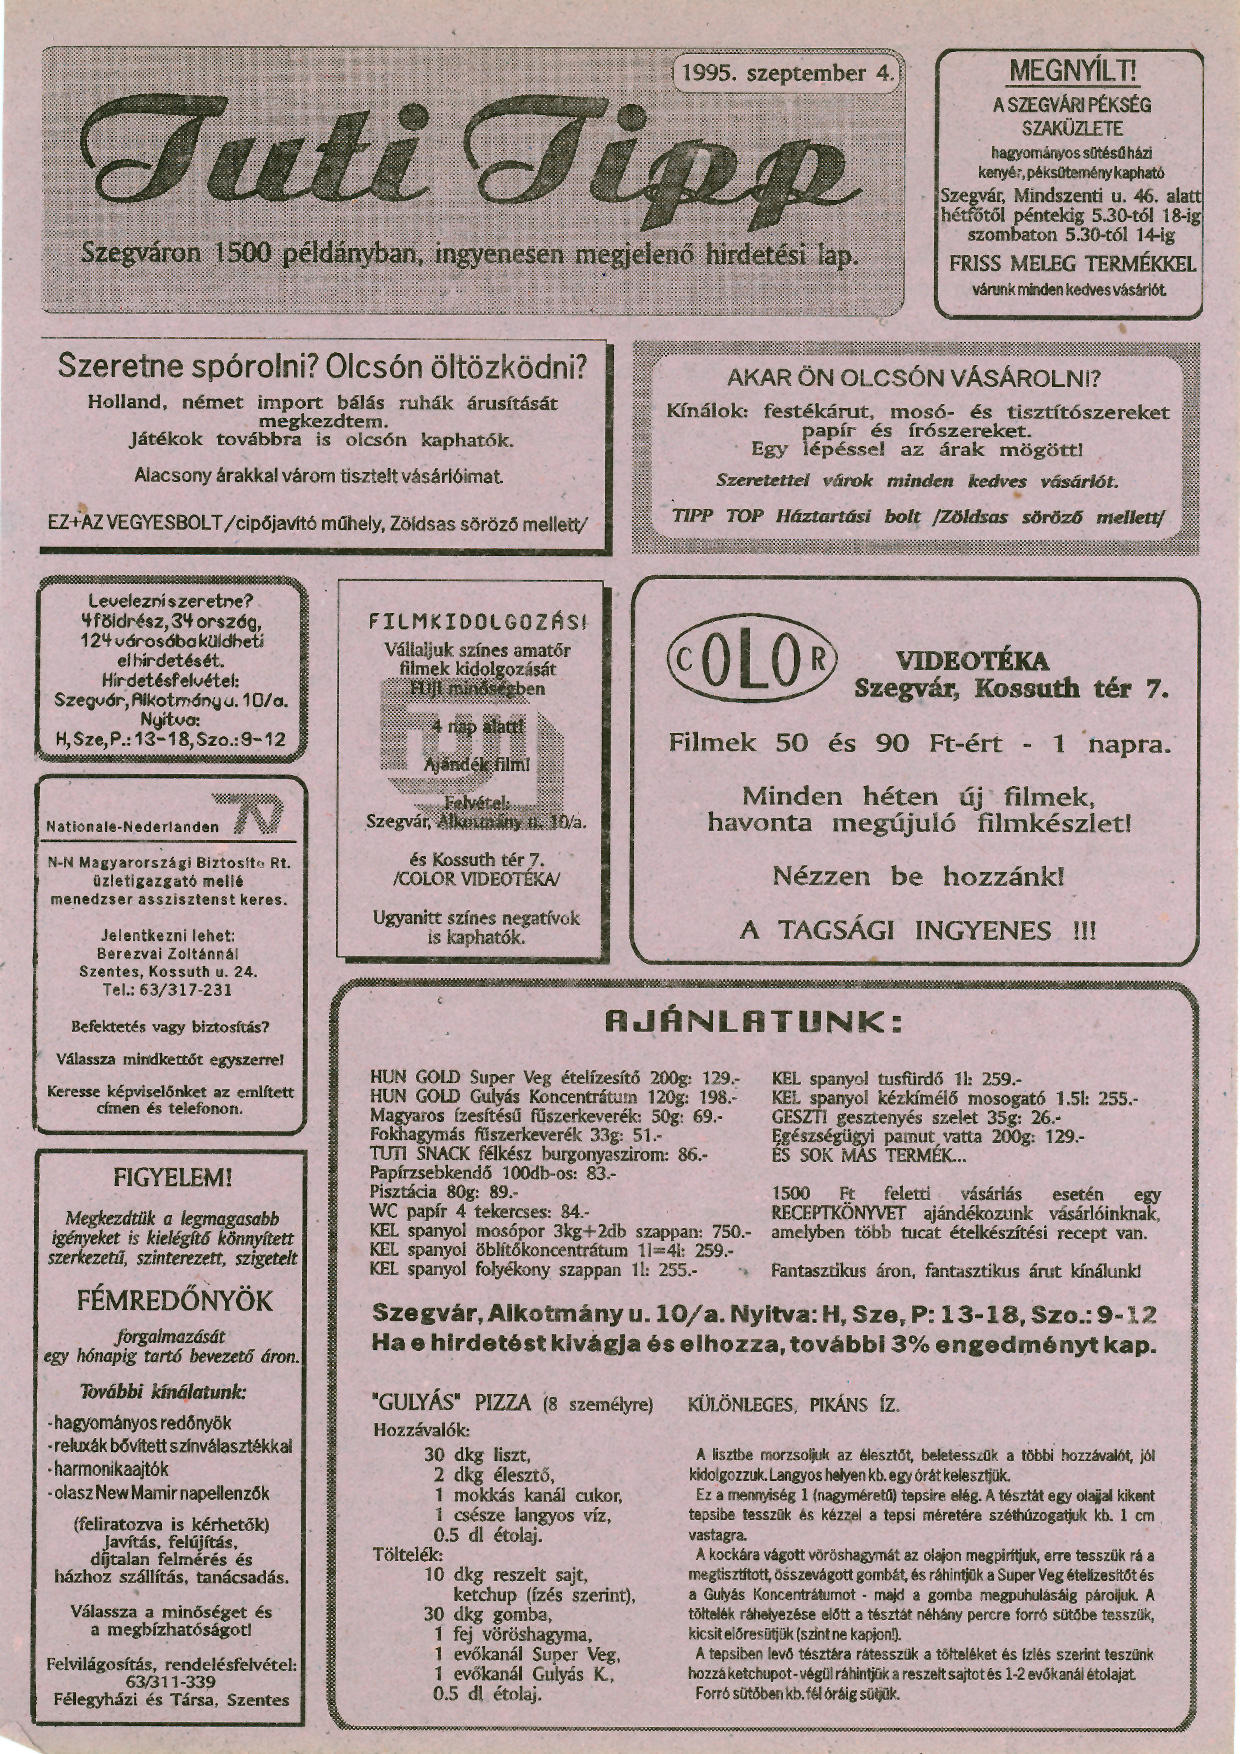 003 Tuti Tipp reklámújság - 19950904-002. lapszám -1.oldal - I. évfolyam.jpg